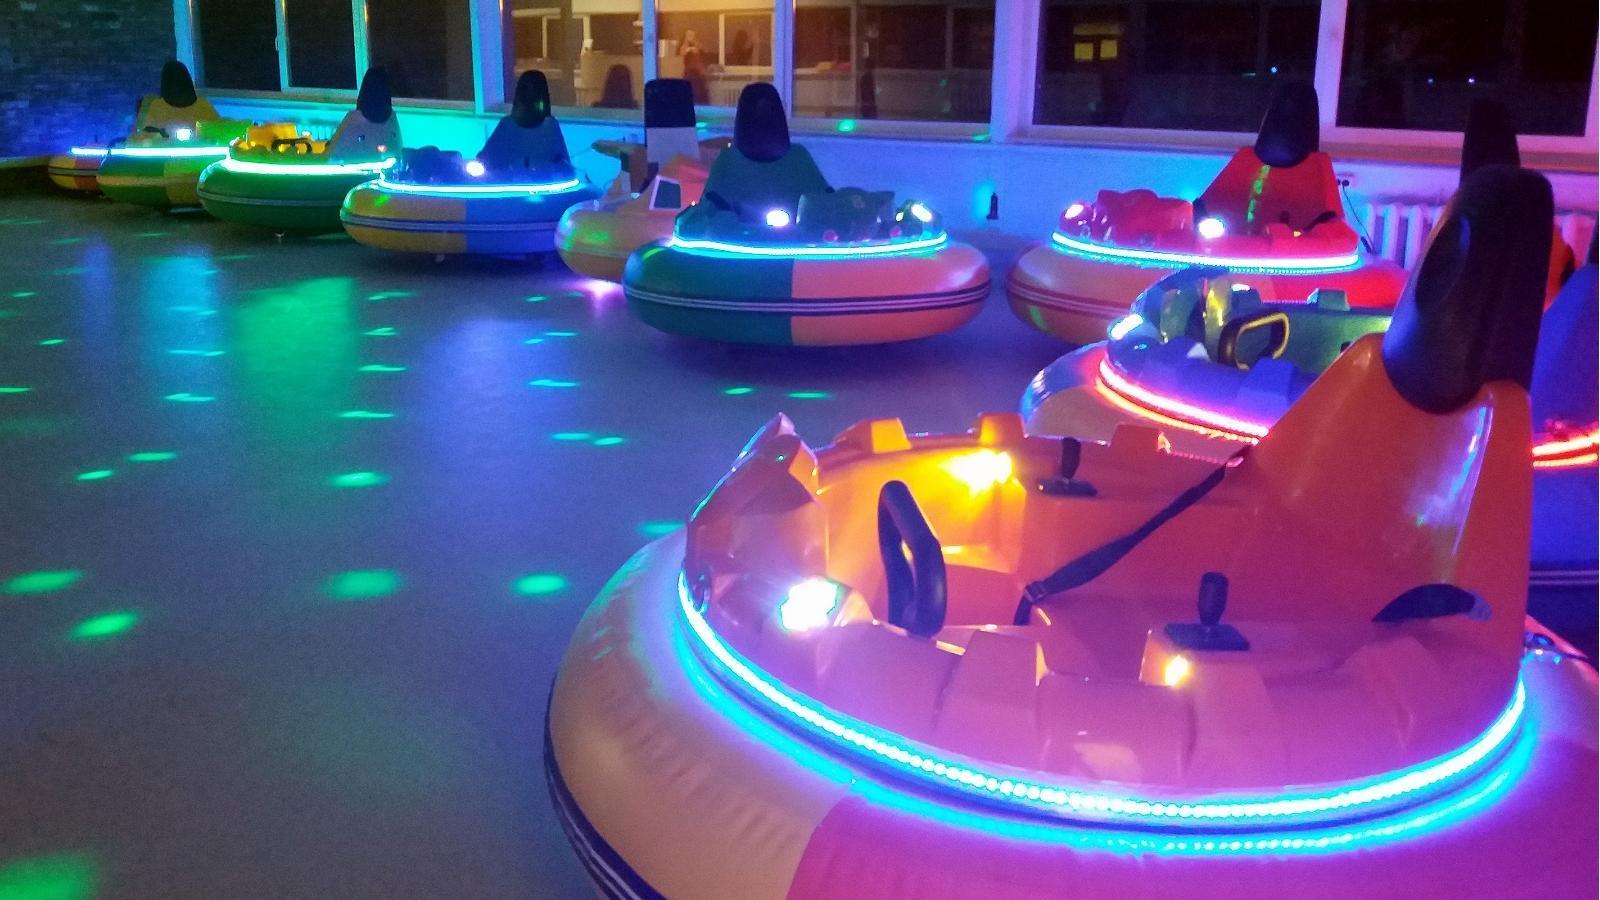 Hüppa play park UFO rides